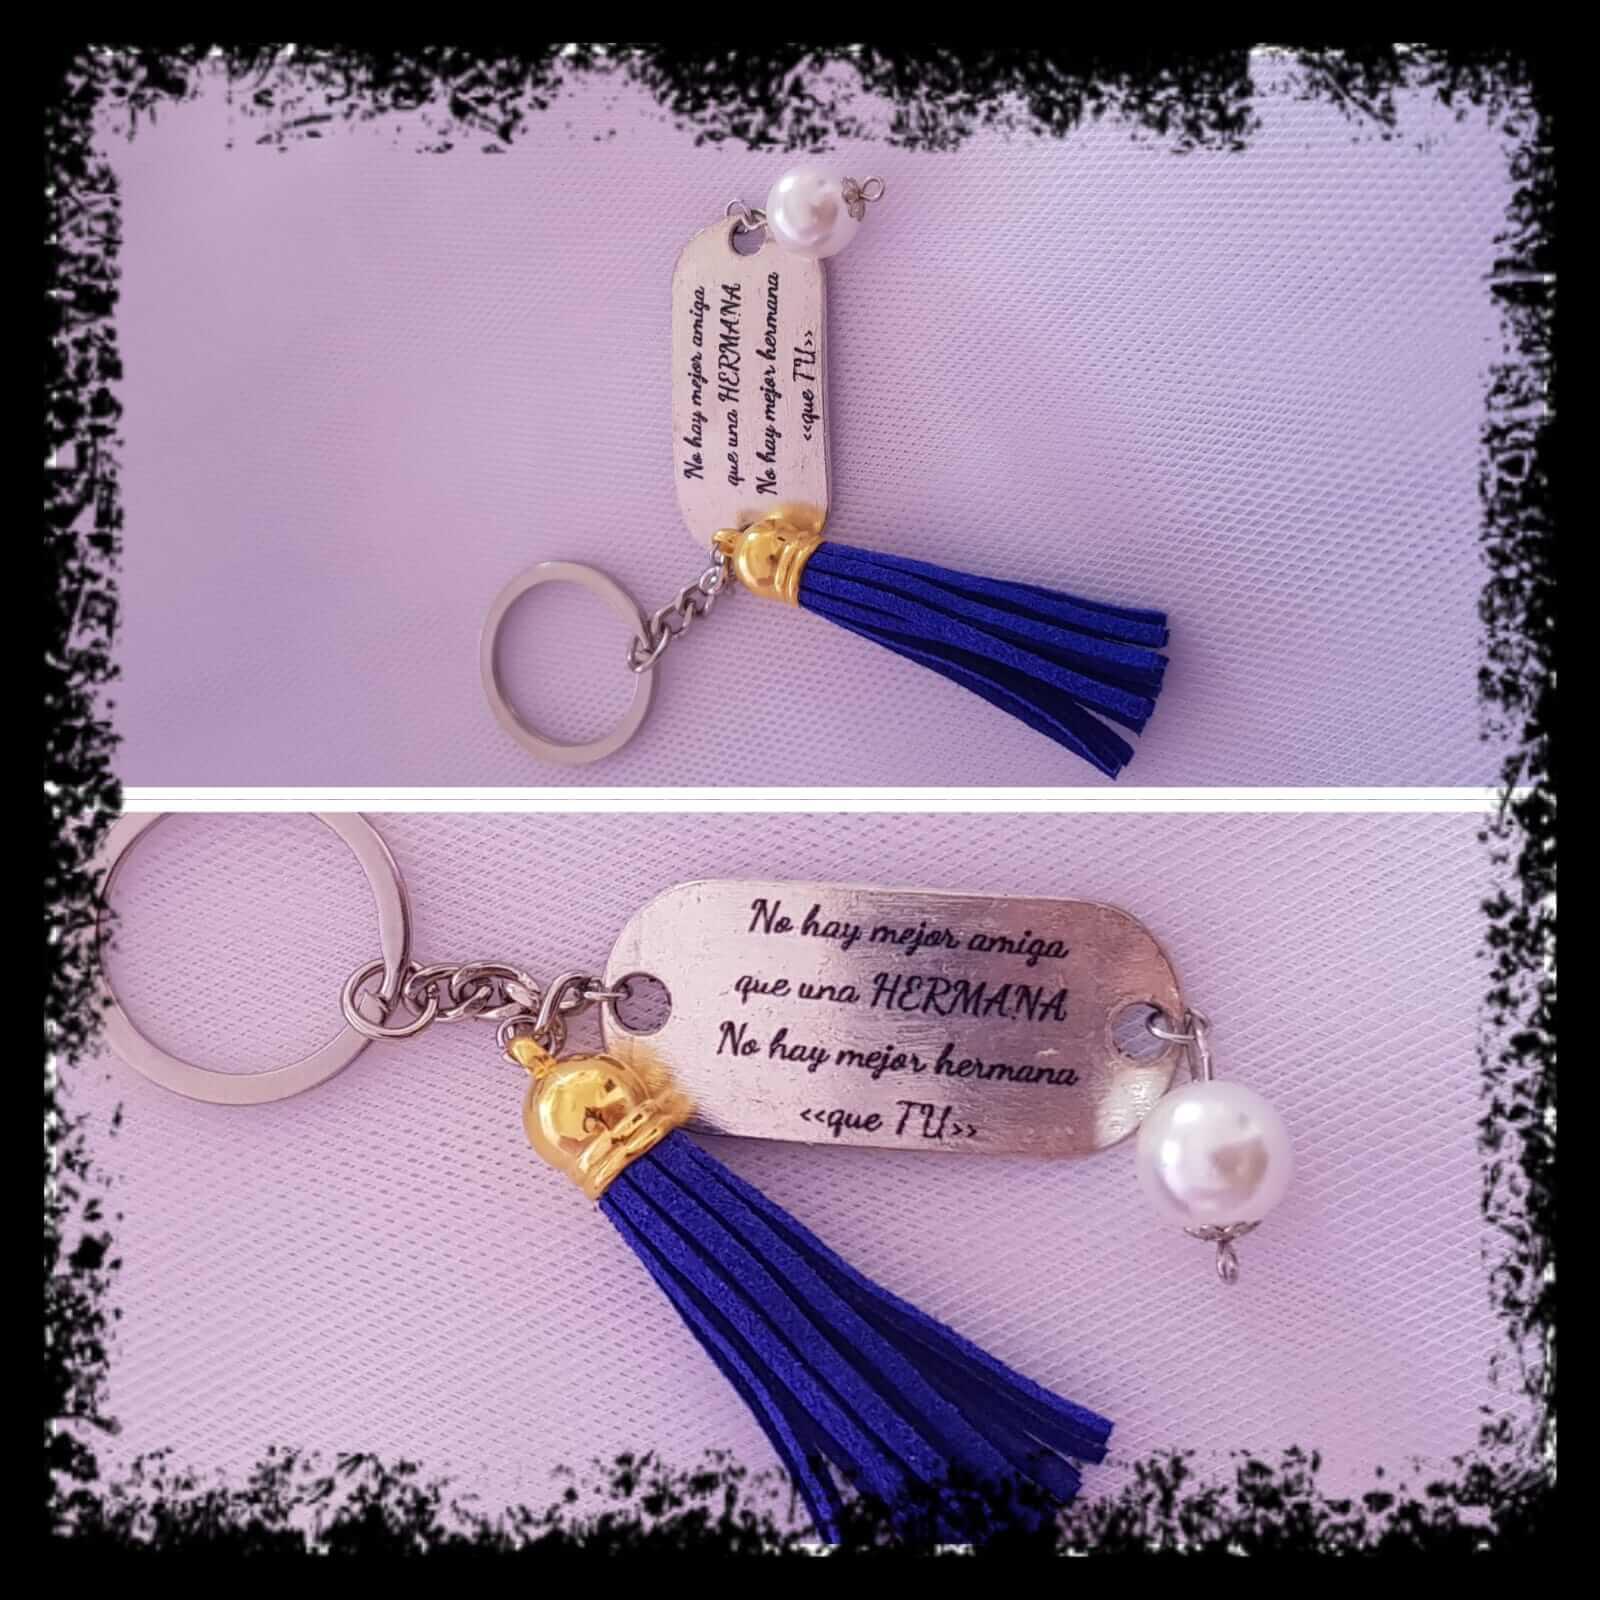 Detalles de Boda detalles de boda - Detalles de Boda regalos personalizados 1 - Detalles de Boda | Detalles para invitados